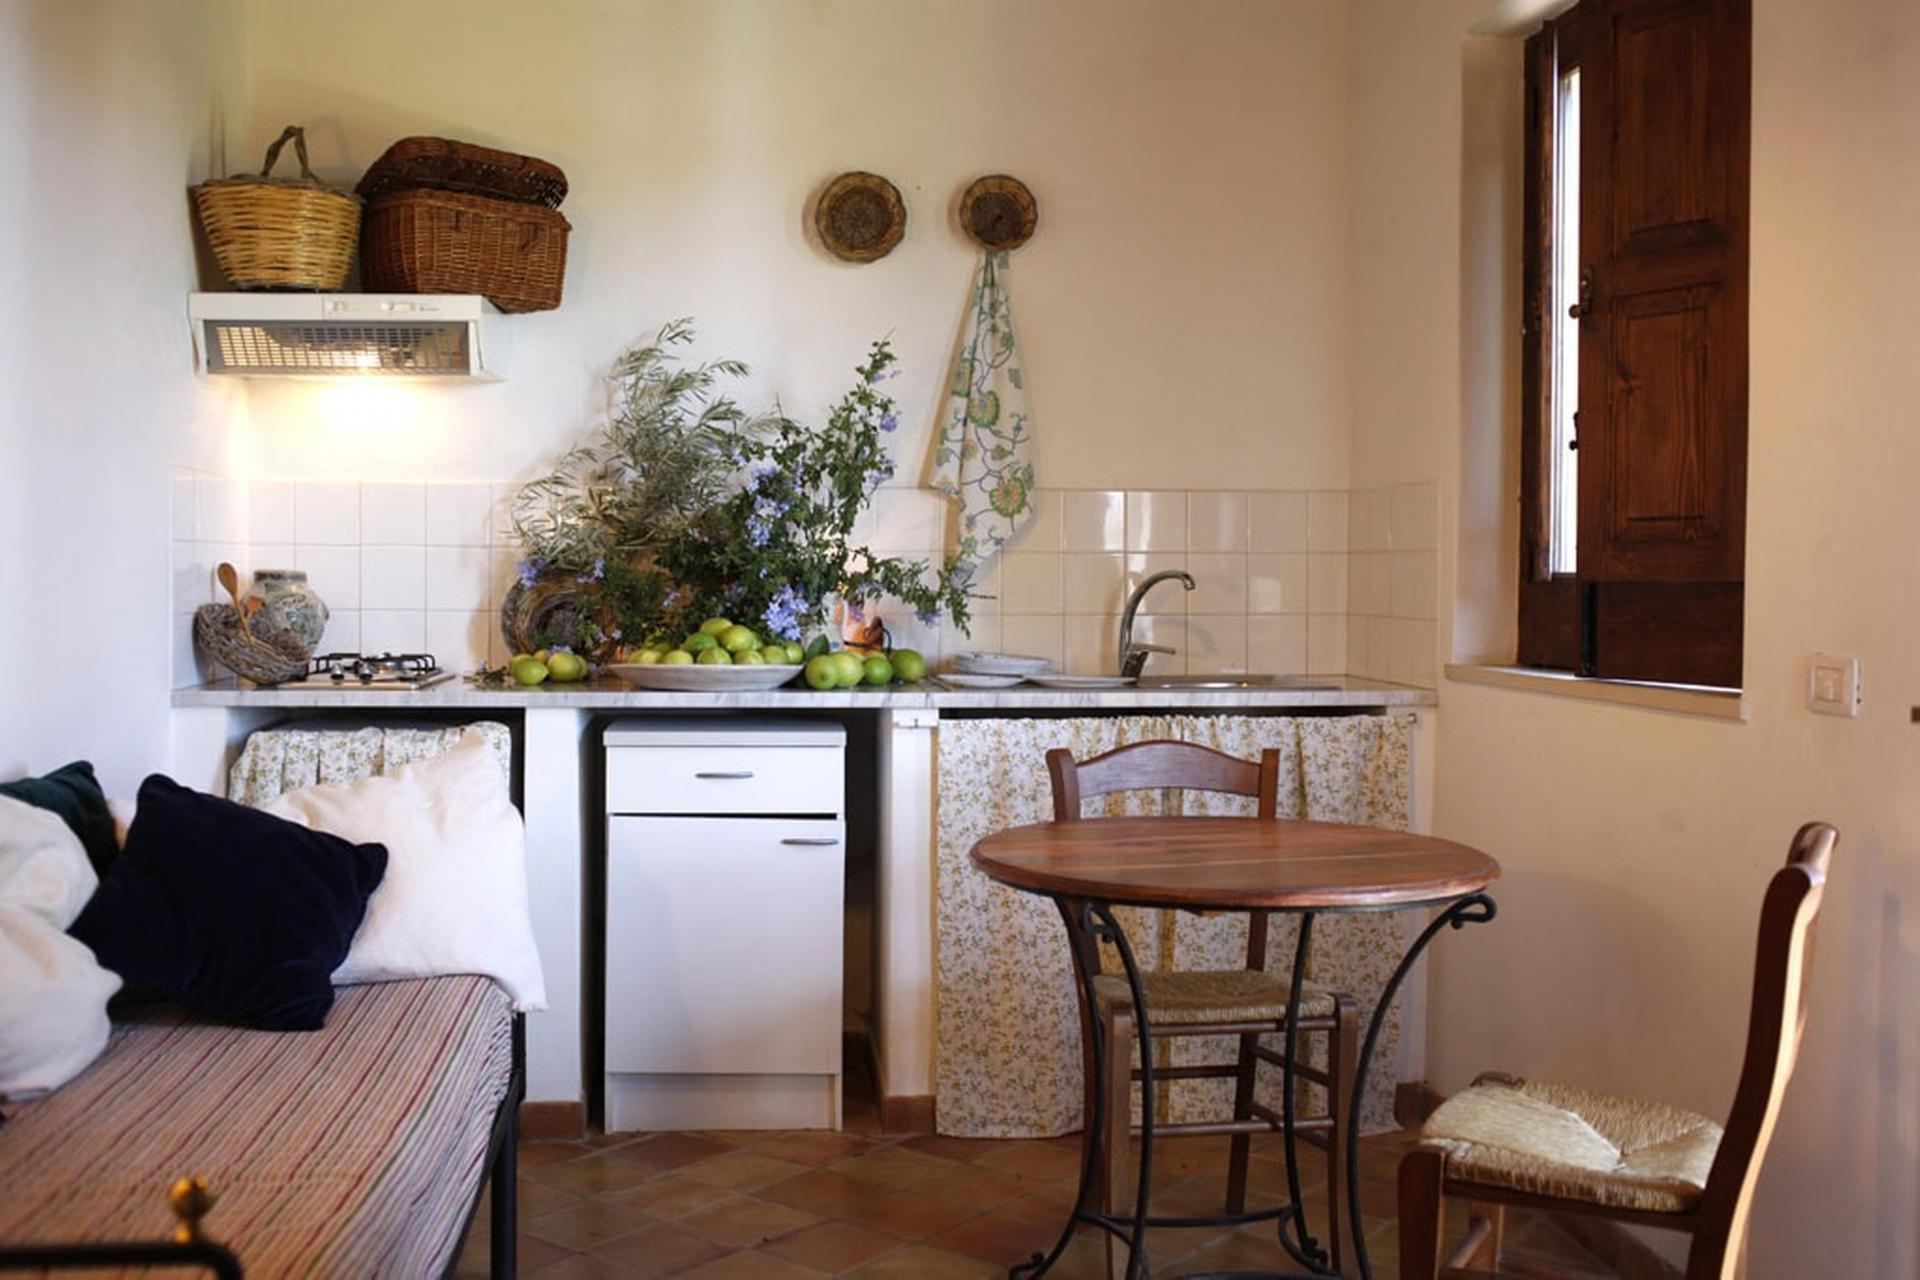 Agriturismo Comomeer en Gardameer Agriturismo met goed restaurant en uitzicht op Comomeer